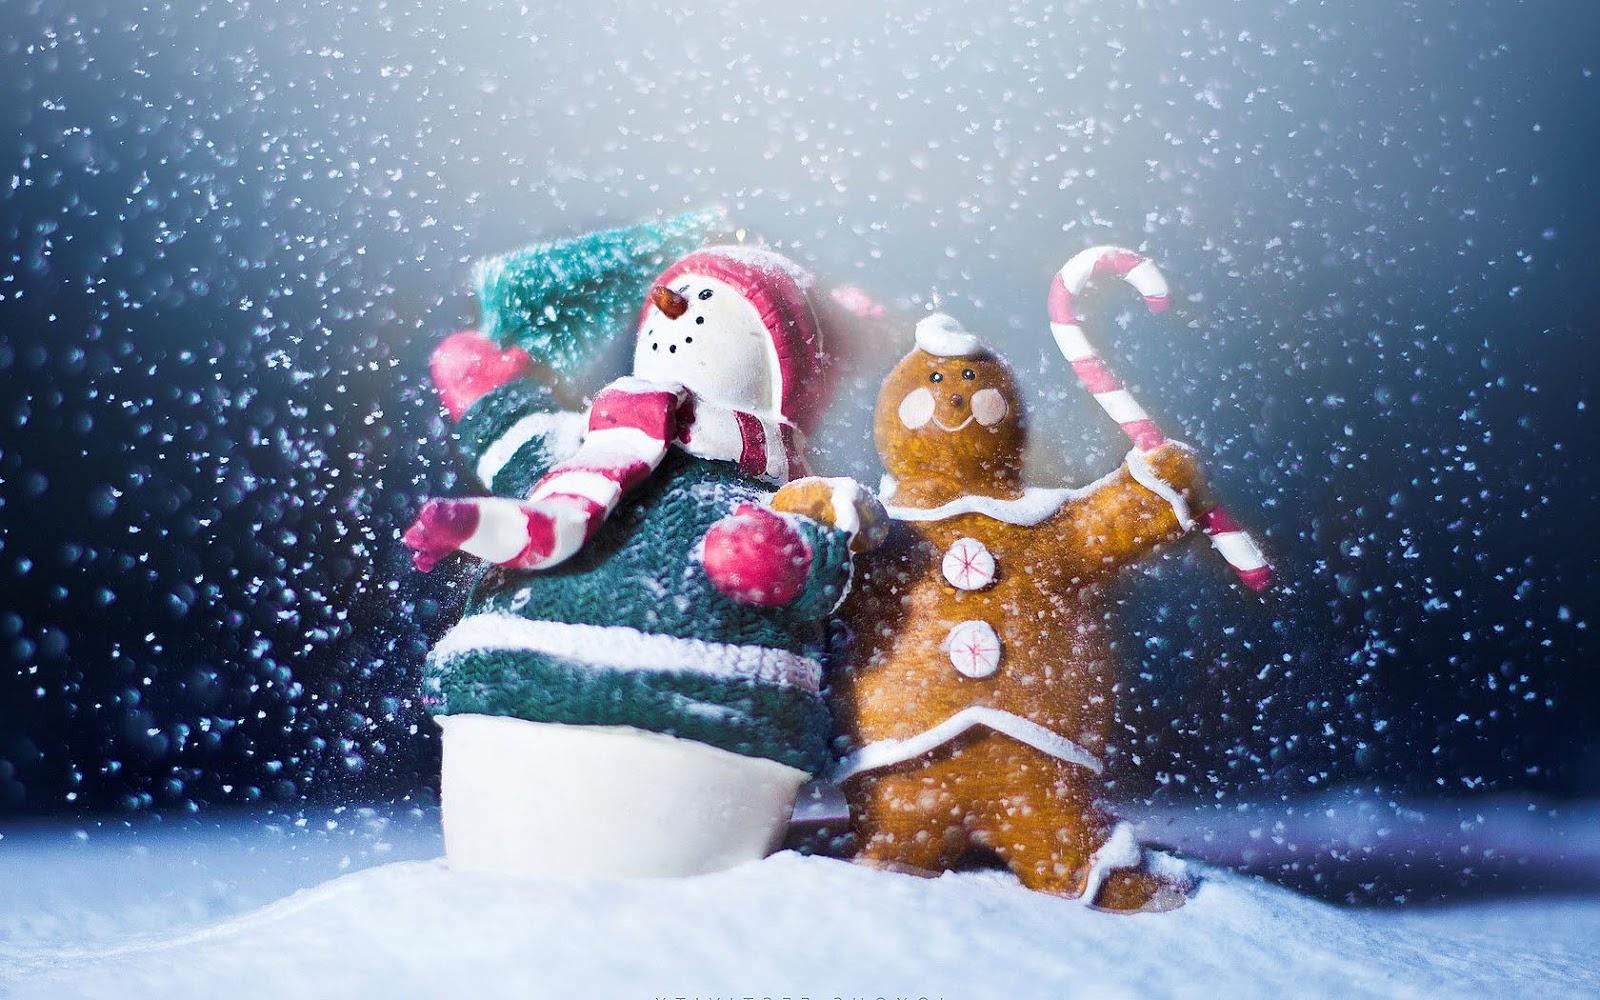 http://2.bp.blogspot.com/-kM3763I3SpQ/UIag0ikDFRI/AAAAAAAAHho/w_8RfpfrSRo/s1600/wallpaper-met-een-sneeuwpop-in-de-sneeuw.jpg